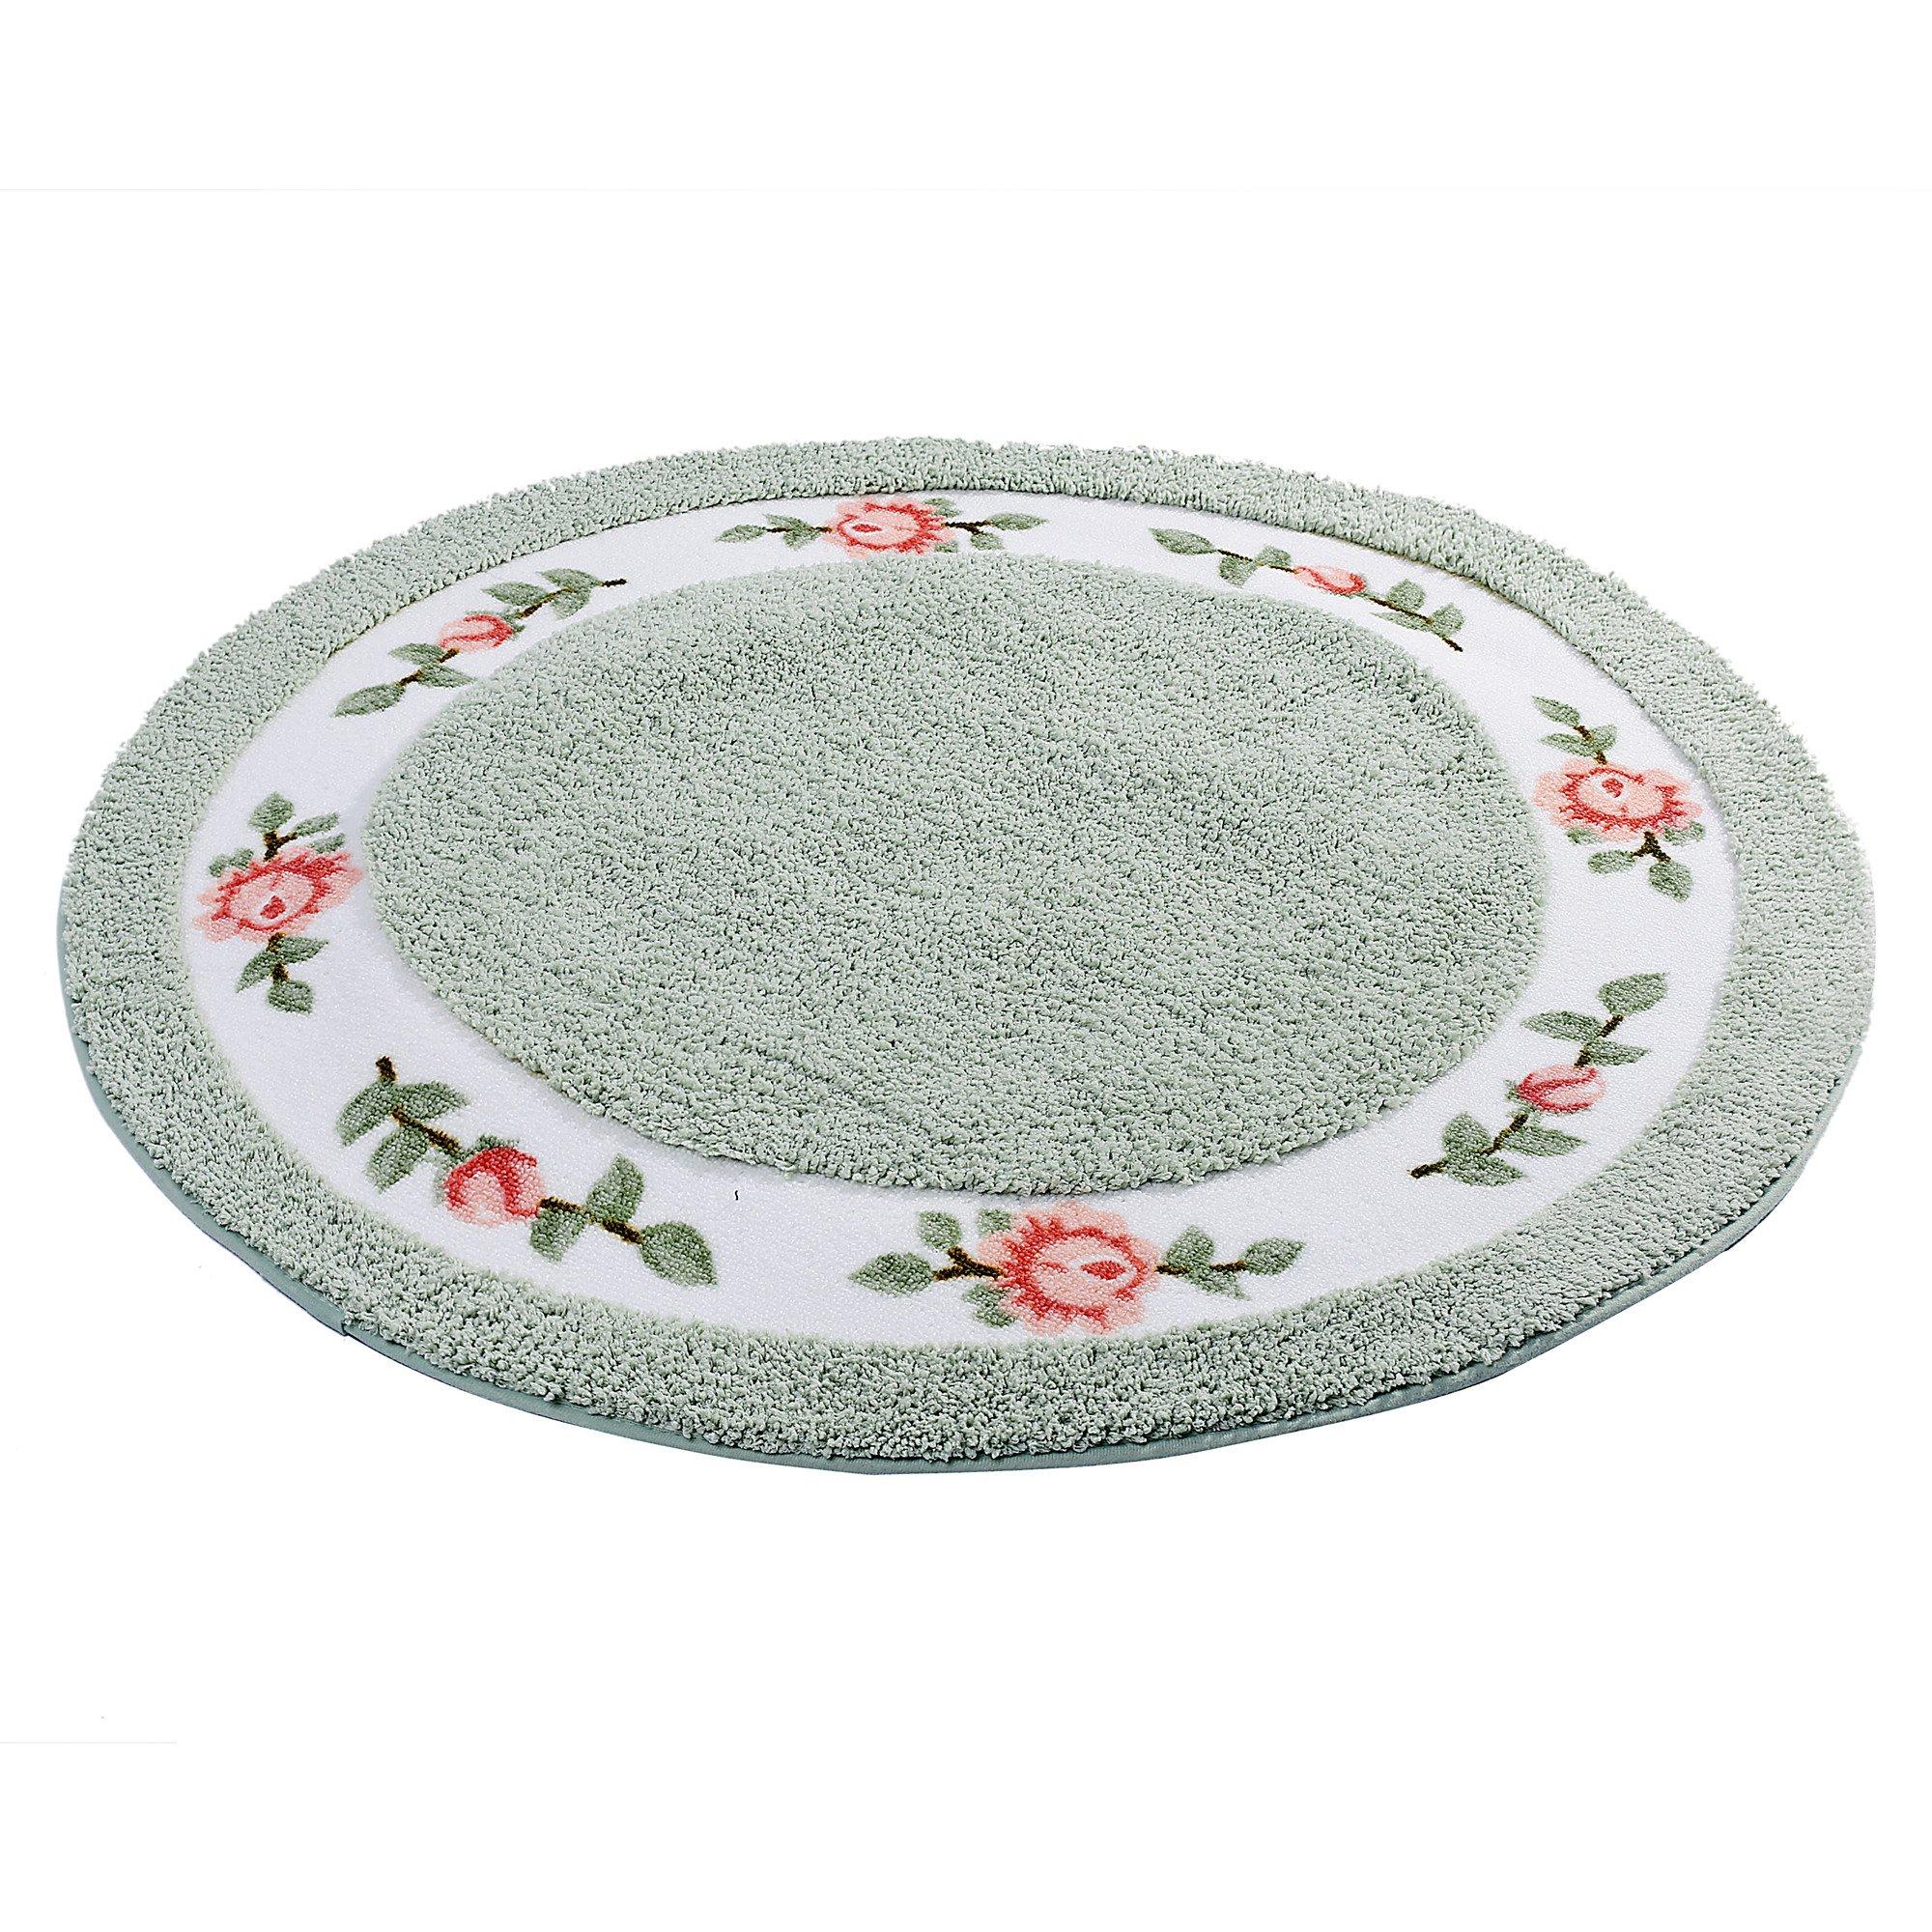 Floral Bathroom Rugs Amazon Com